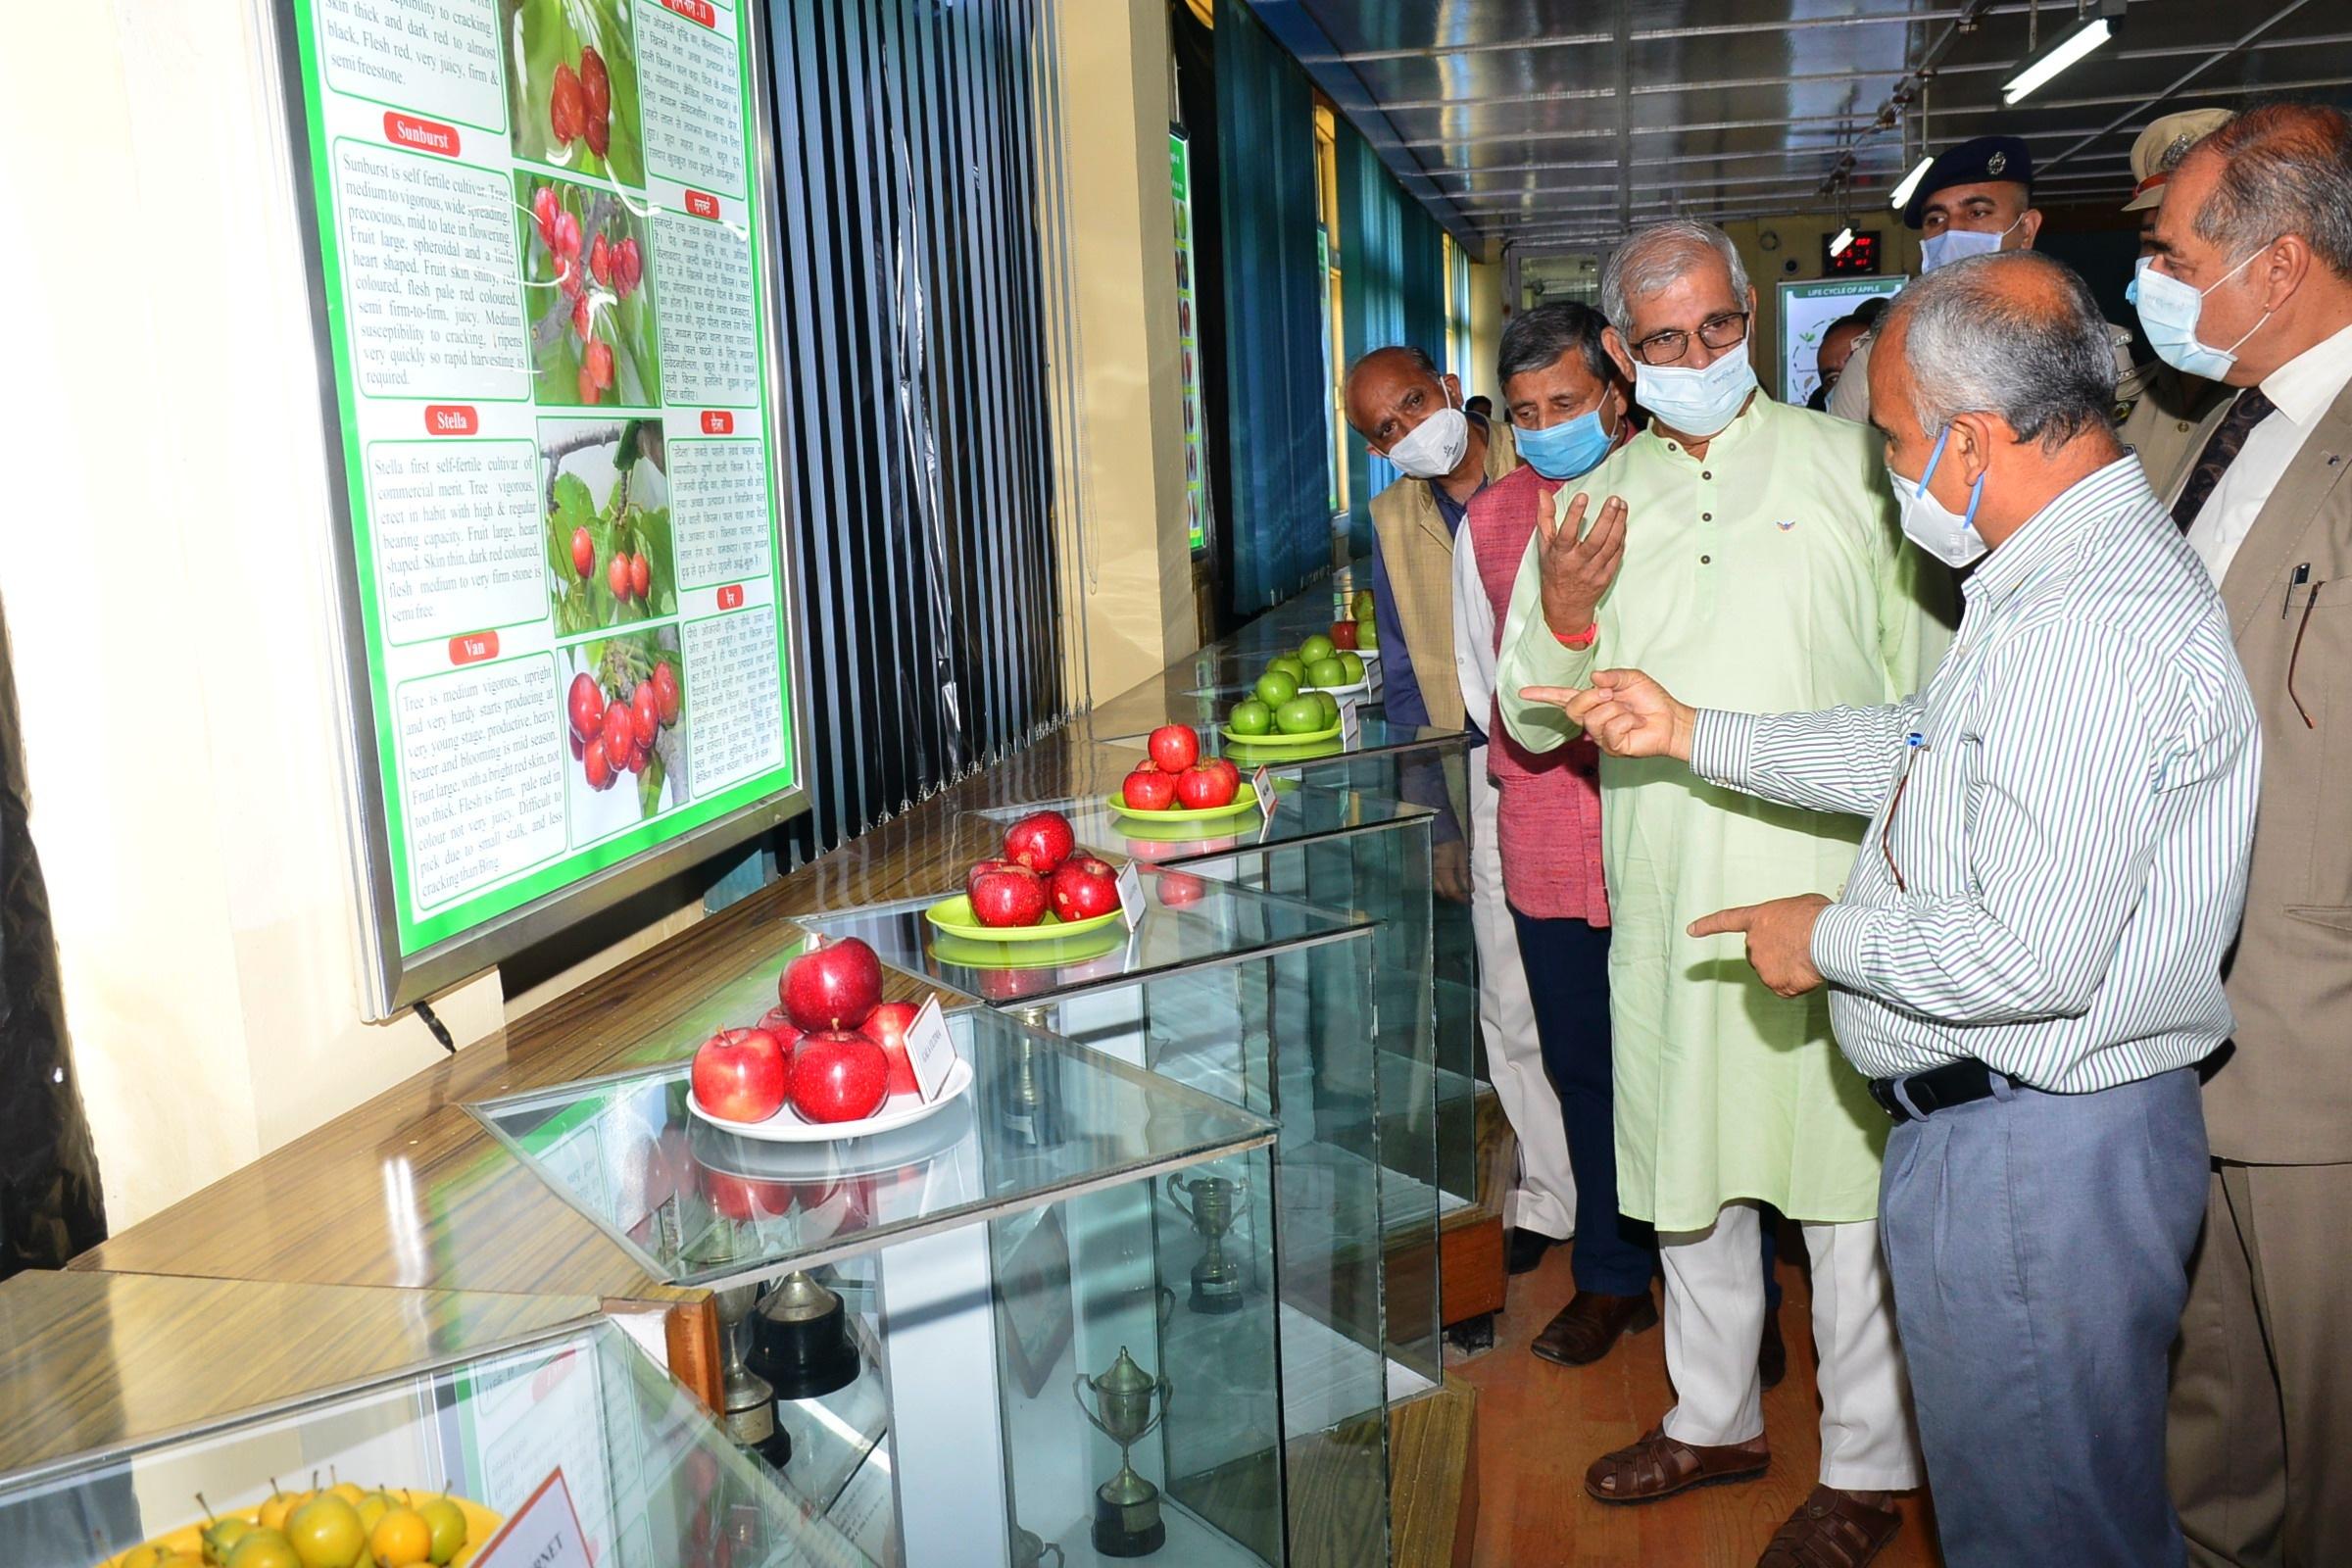 राज्यपाल आर्लेकर ने उच्च उत्पादन और रोग प्रतिरोधक सेब किस्मों के शोध पर बल देने की सलाह दी